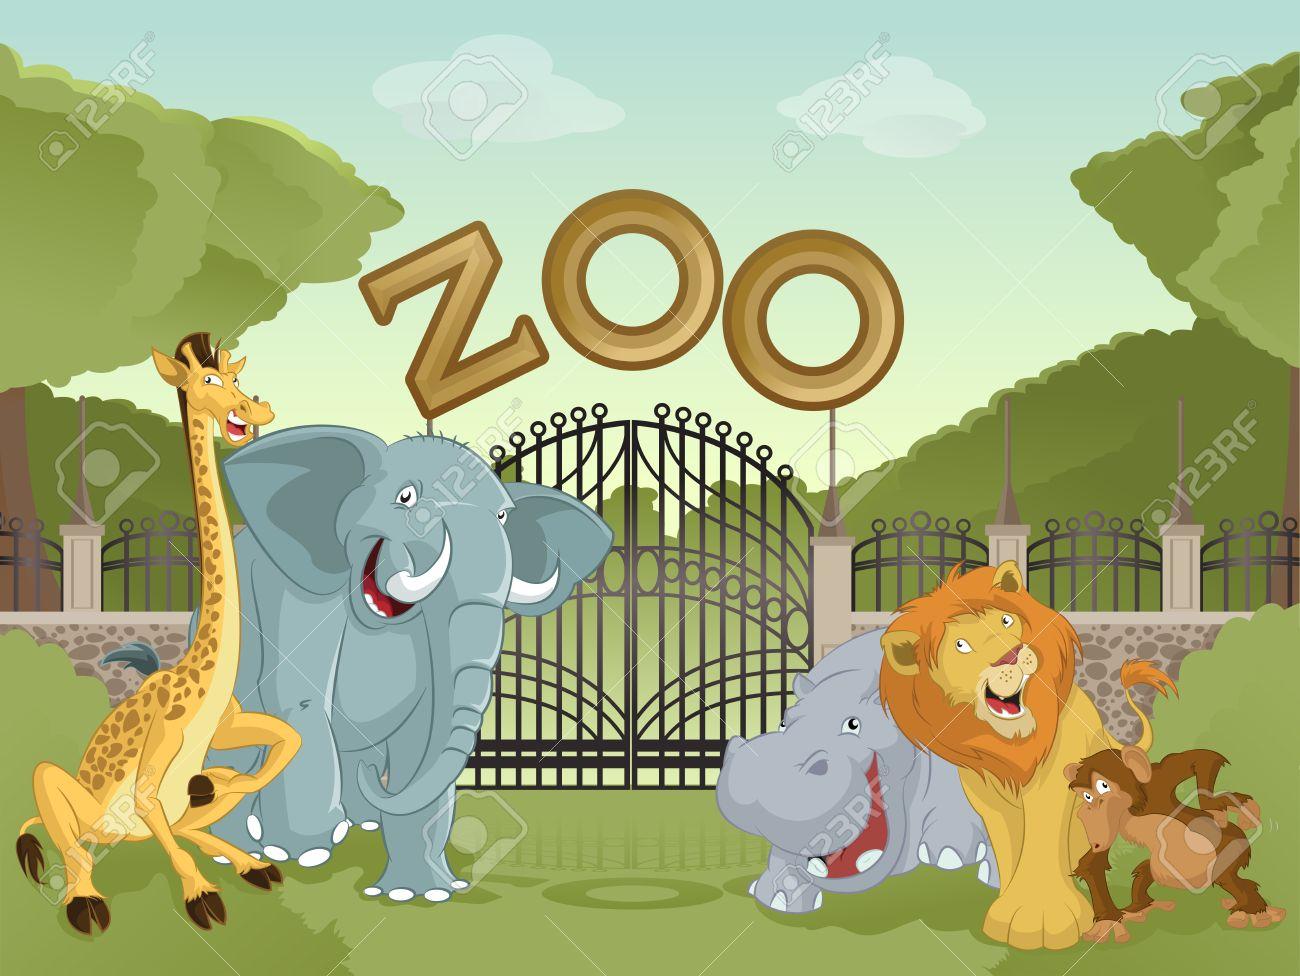 Картинки по запросу zoo cartoon